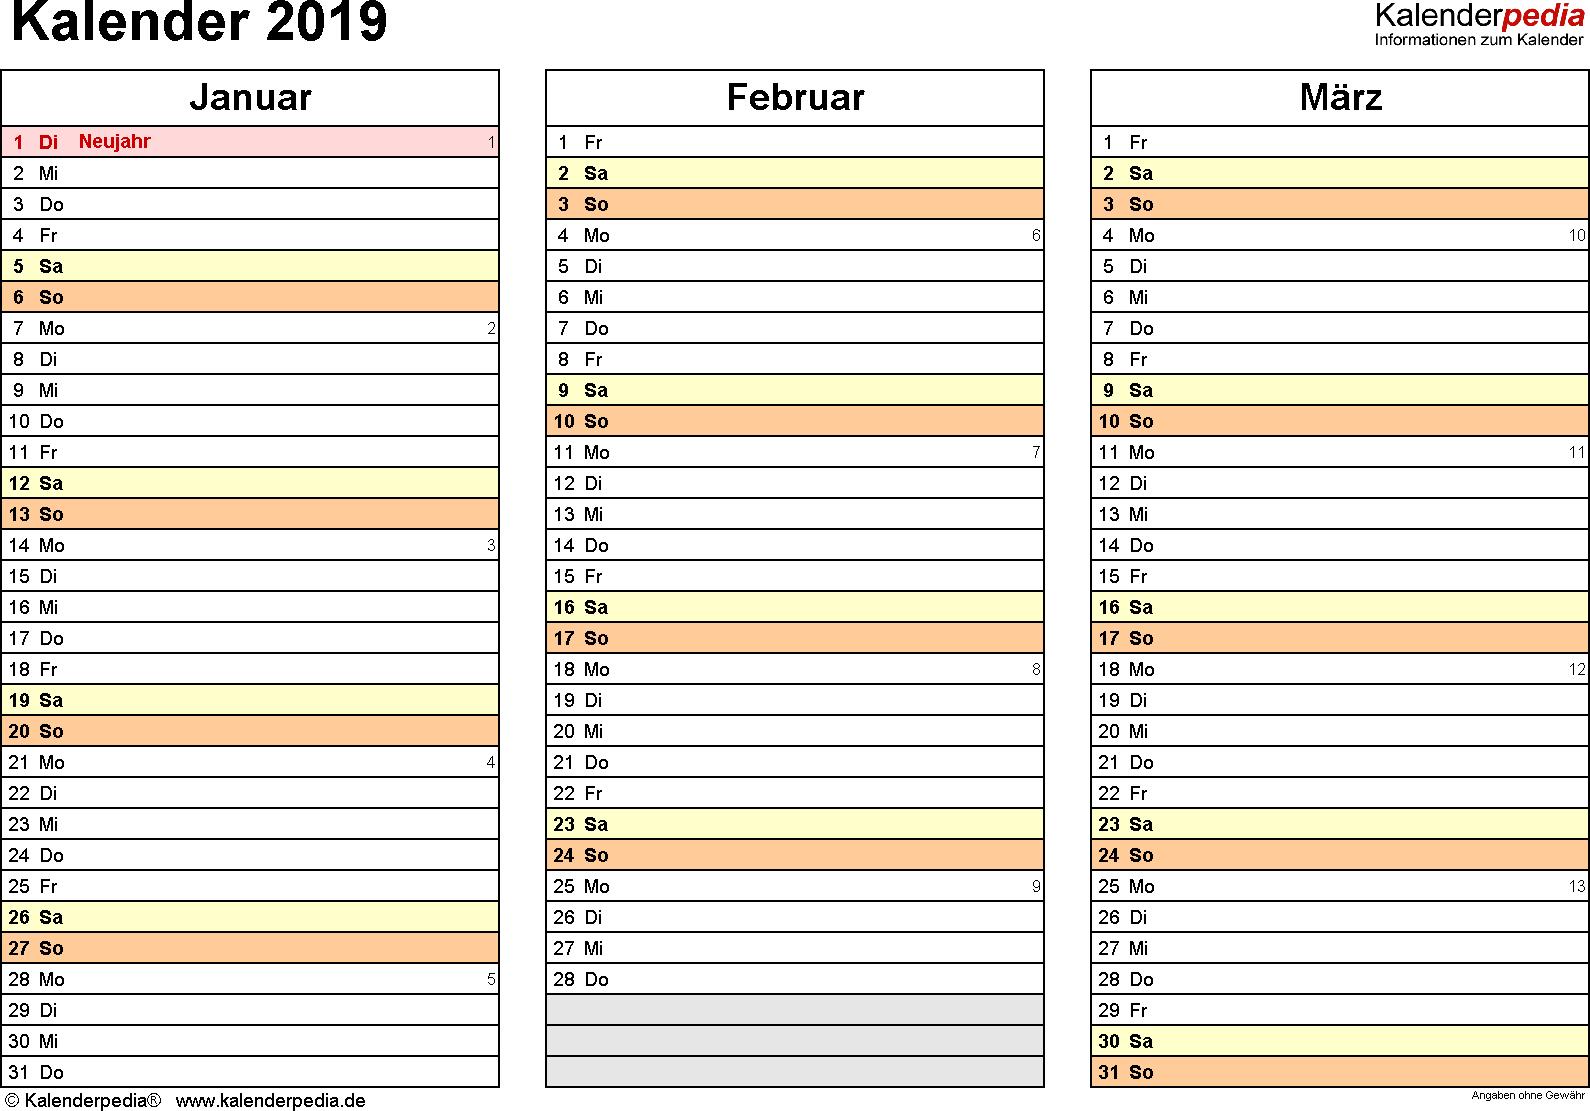 Vorlage 6: Kalender 2019 als PDF-Datei, Querformat, 4 Seiten, jedes Quartal auf einer Seite